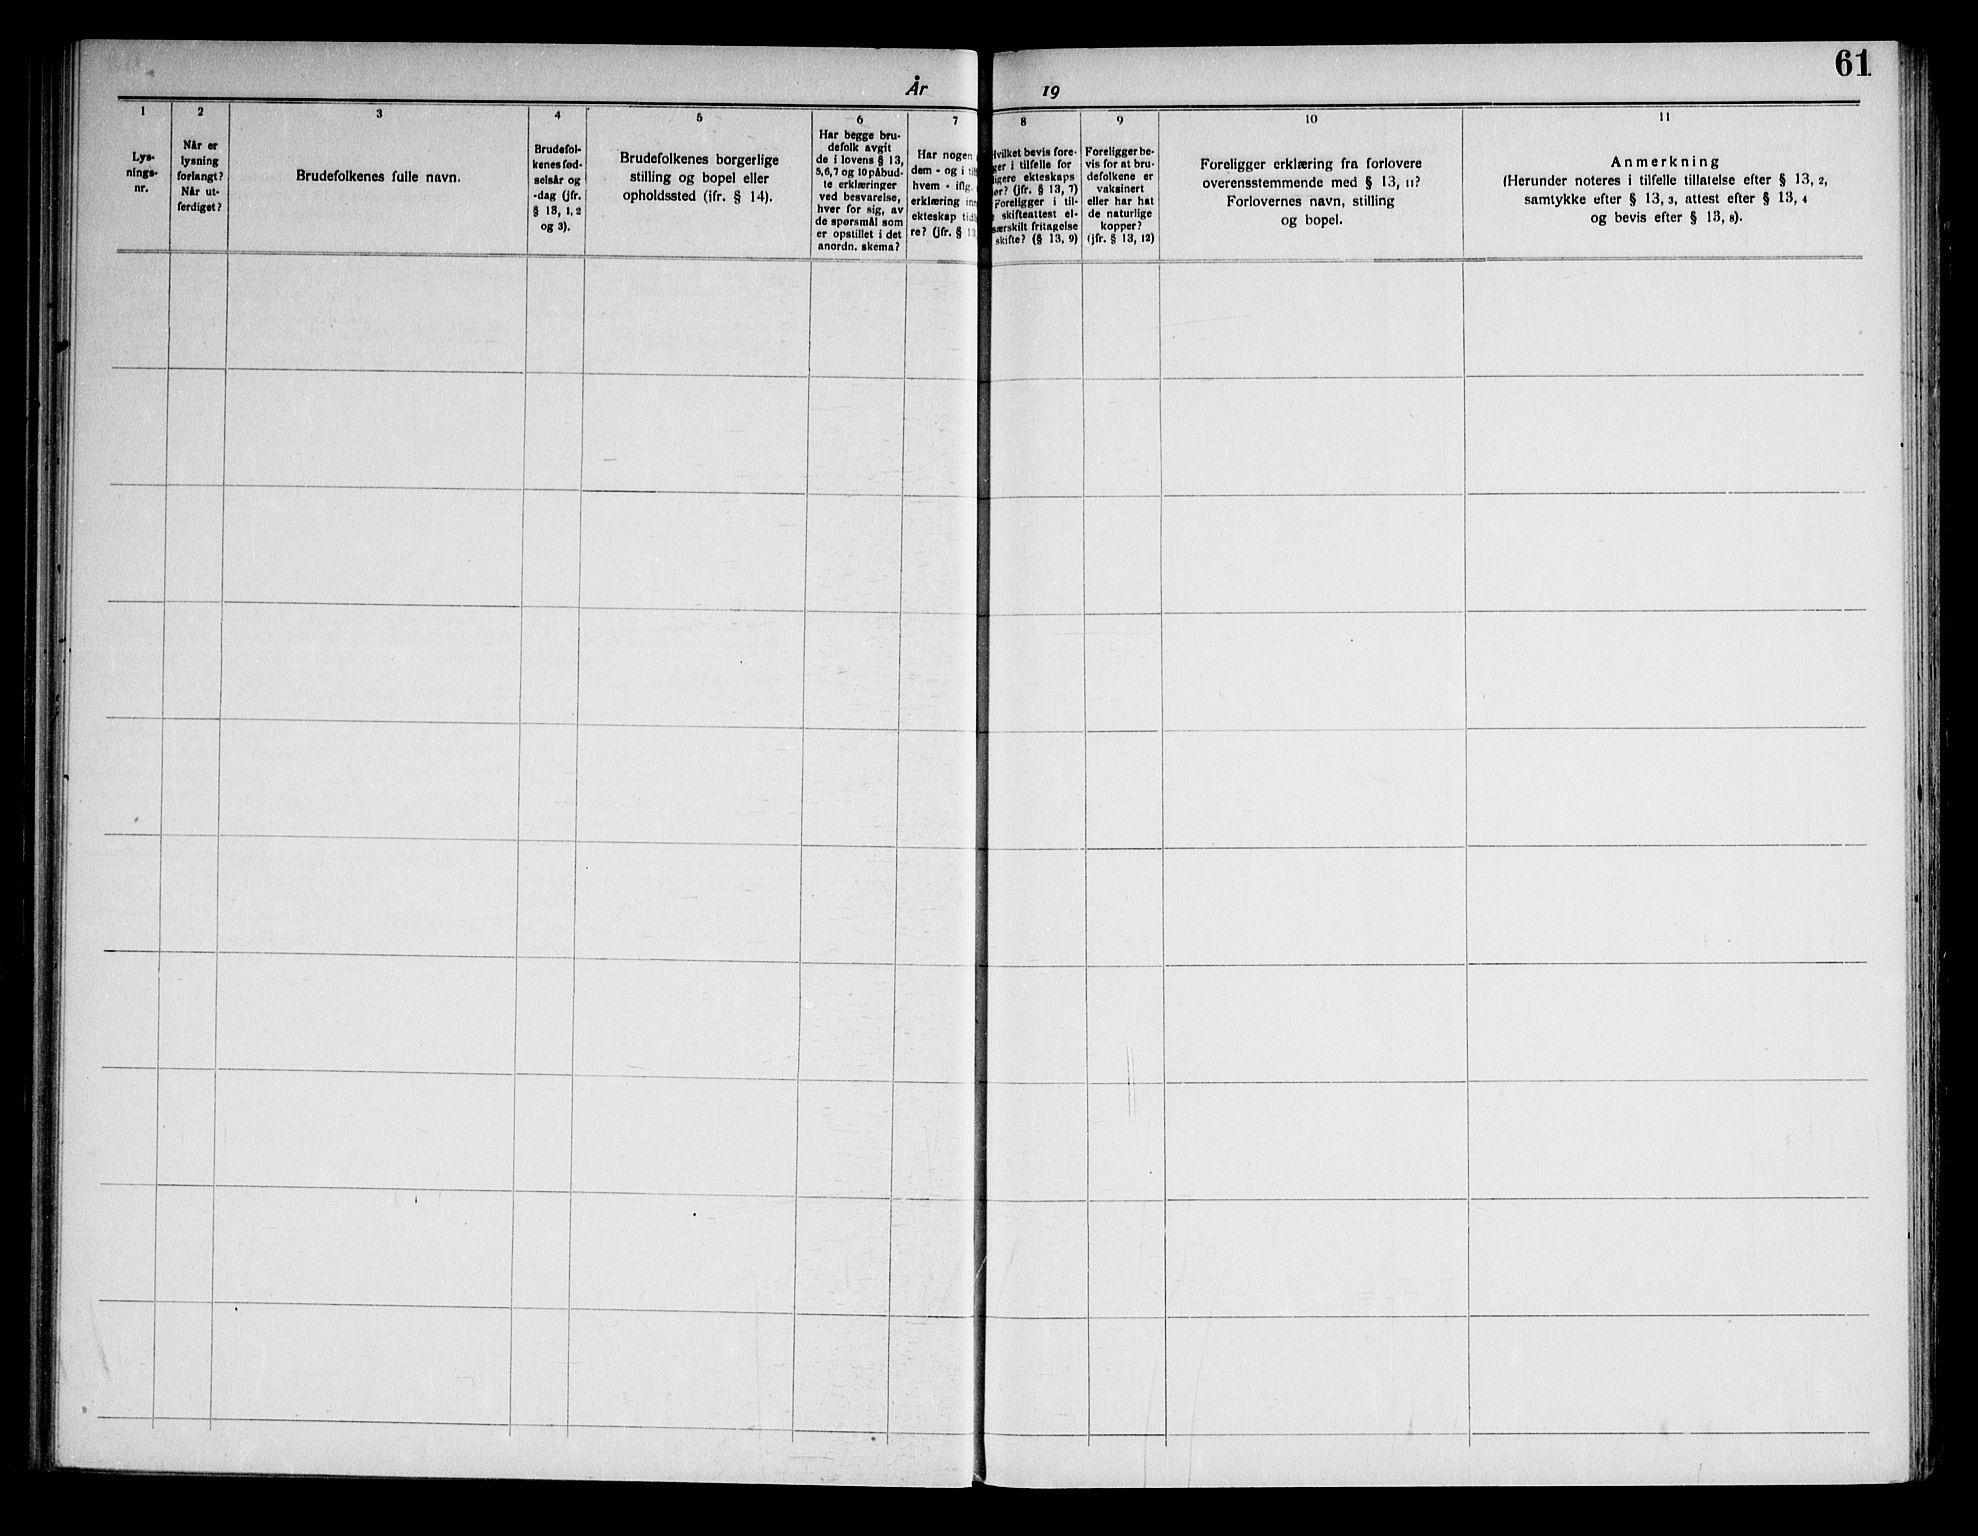 SAKO, Fyresdal kirkebøker, H/Ha/L0001: Lysningsprotokoll nr. 1, 1919-1969, s. 61